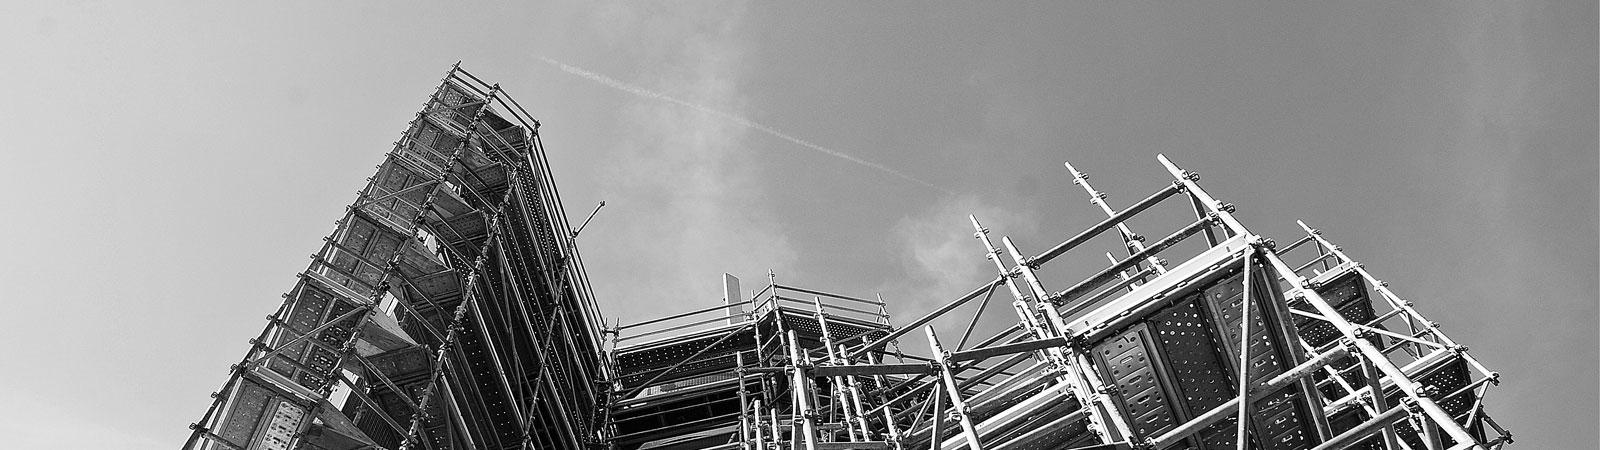 Peintre en bâtiment | Fréjus | Thierry Penalver